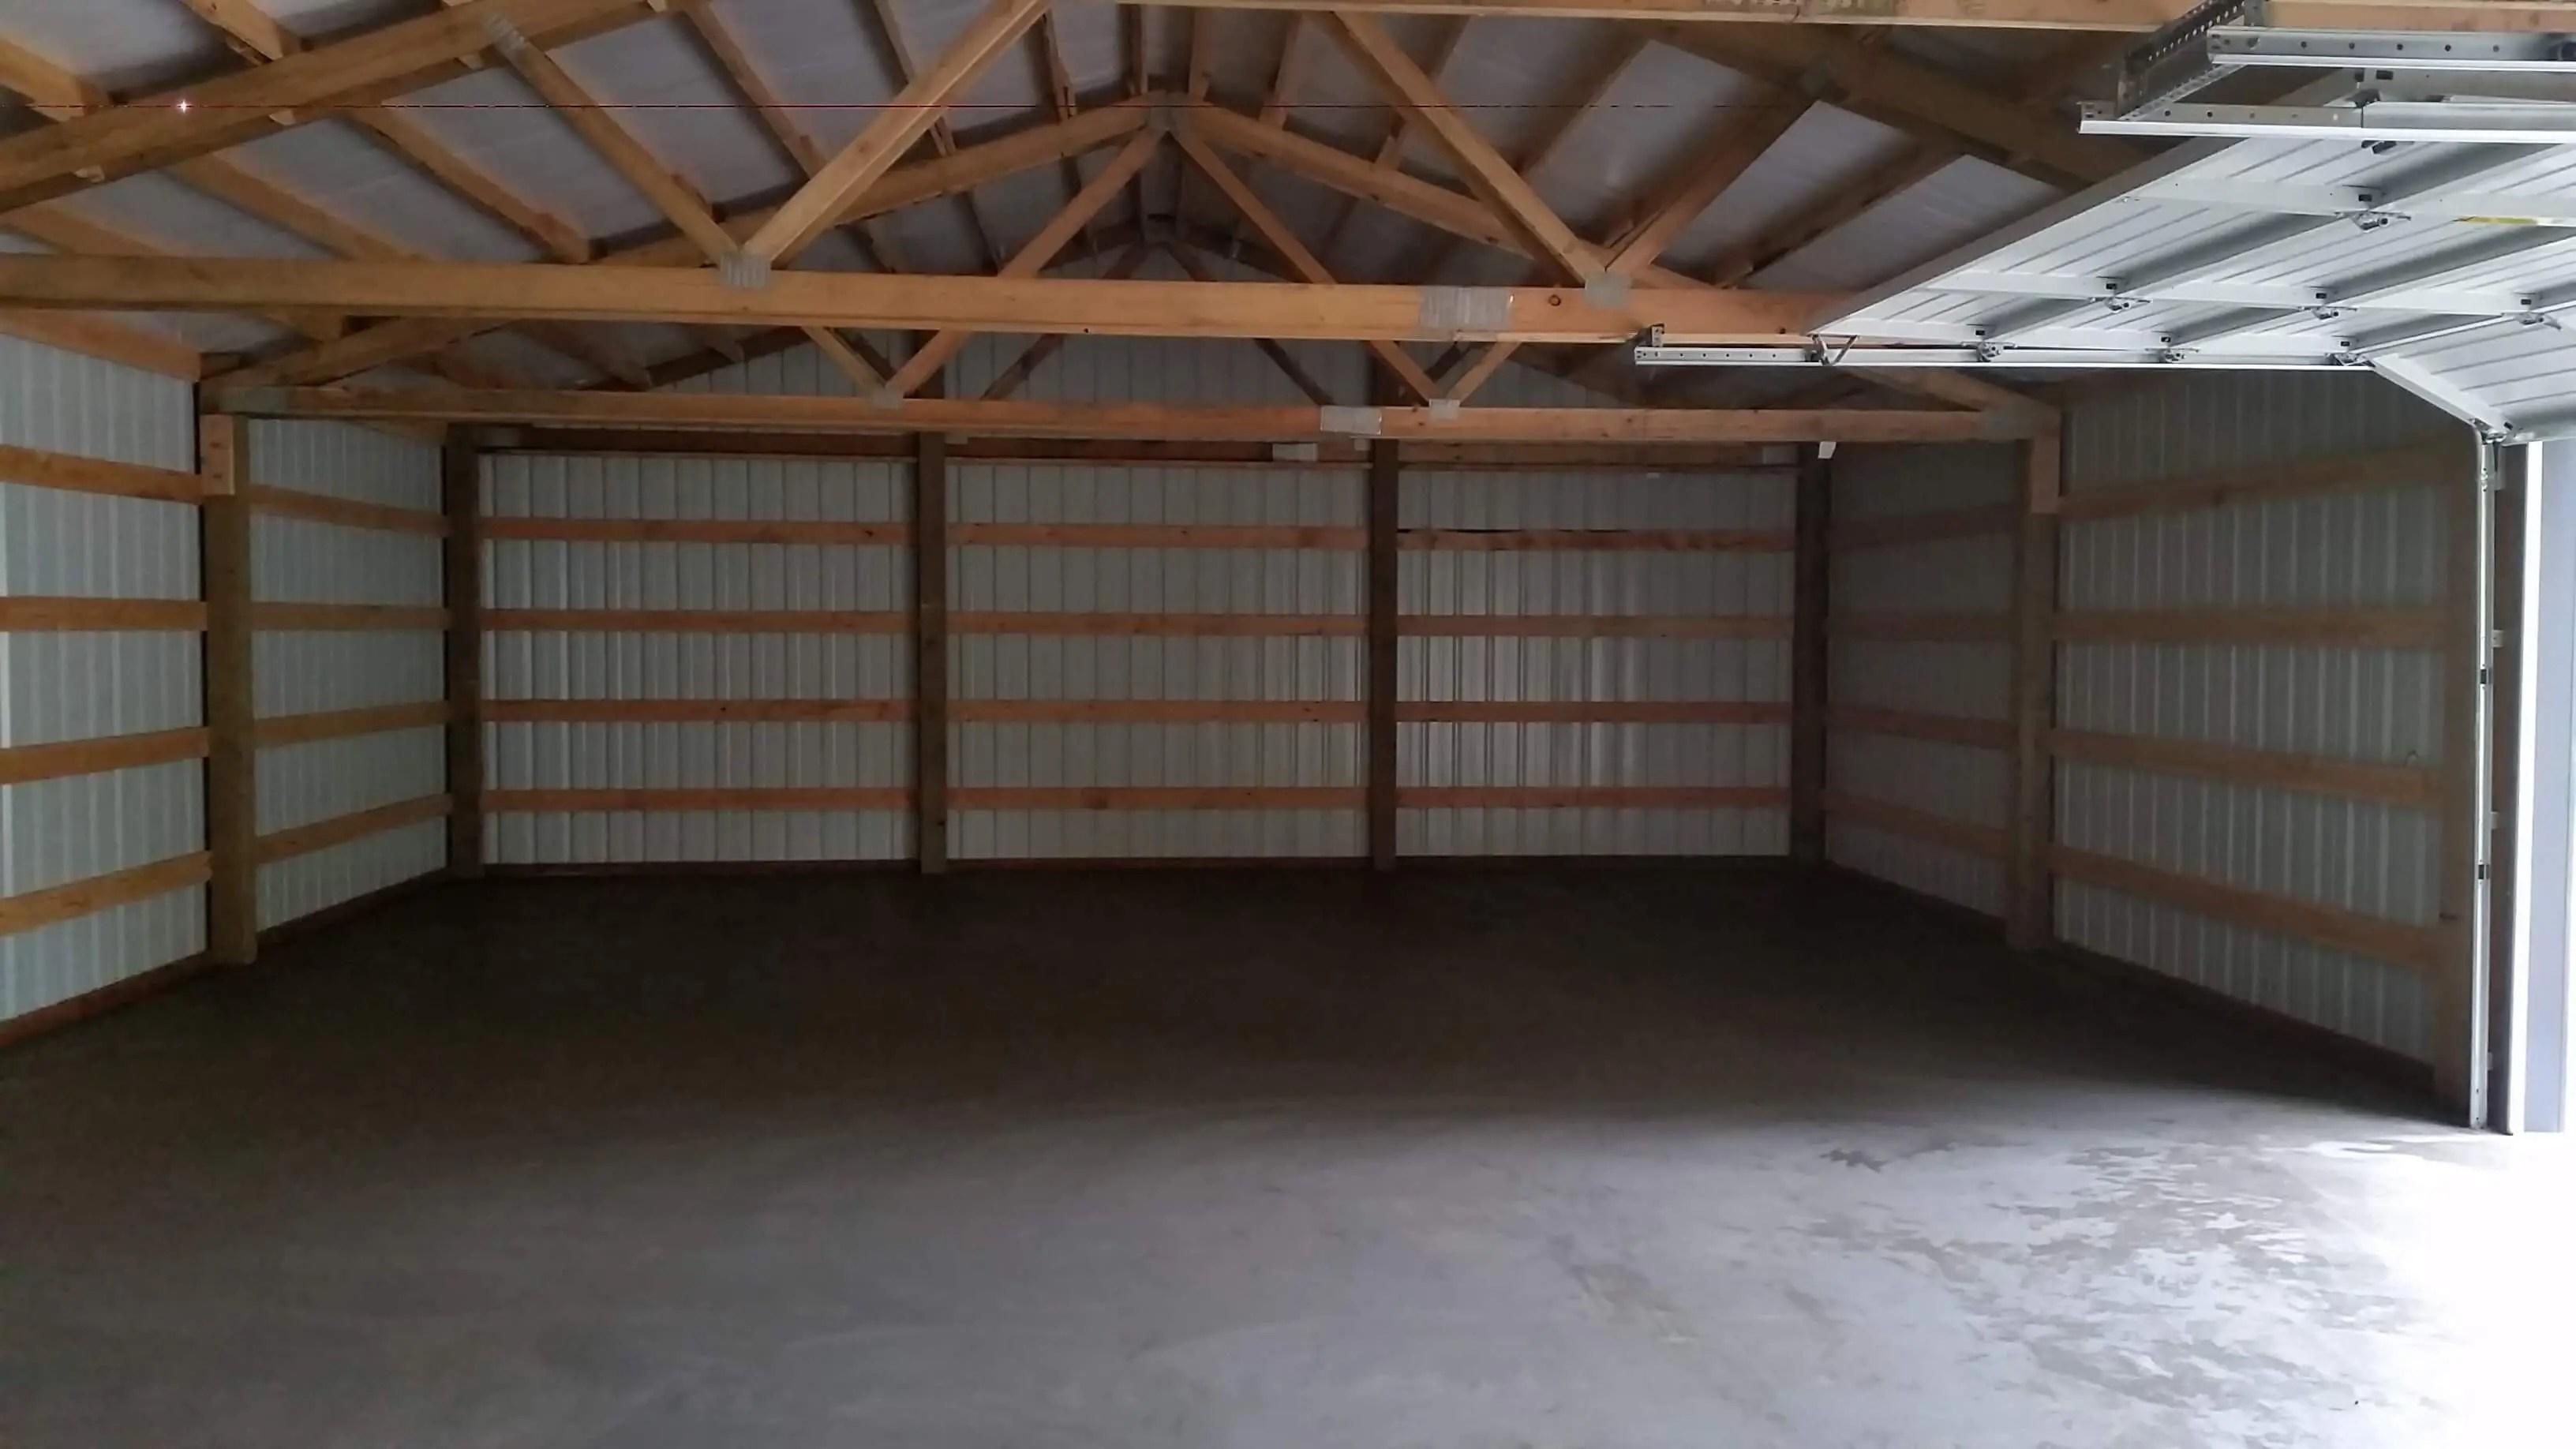 buildings in steel hoop we pole barns metal greiner o of ames types offer post ia frame alabama